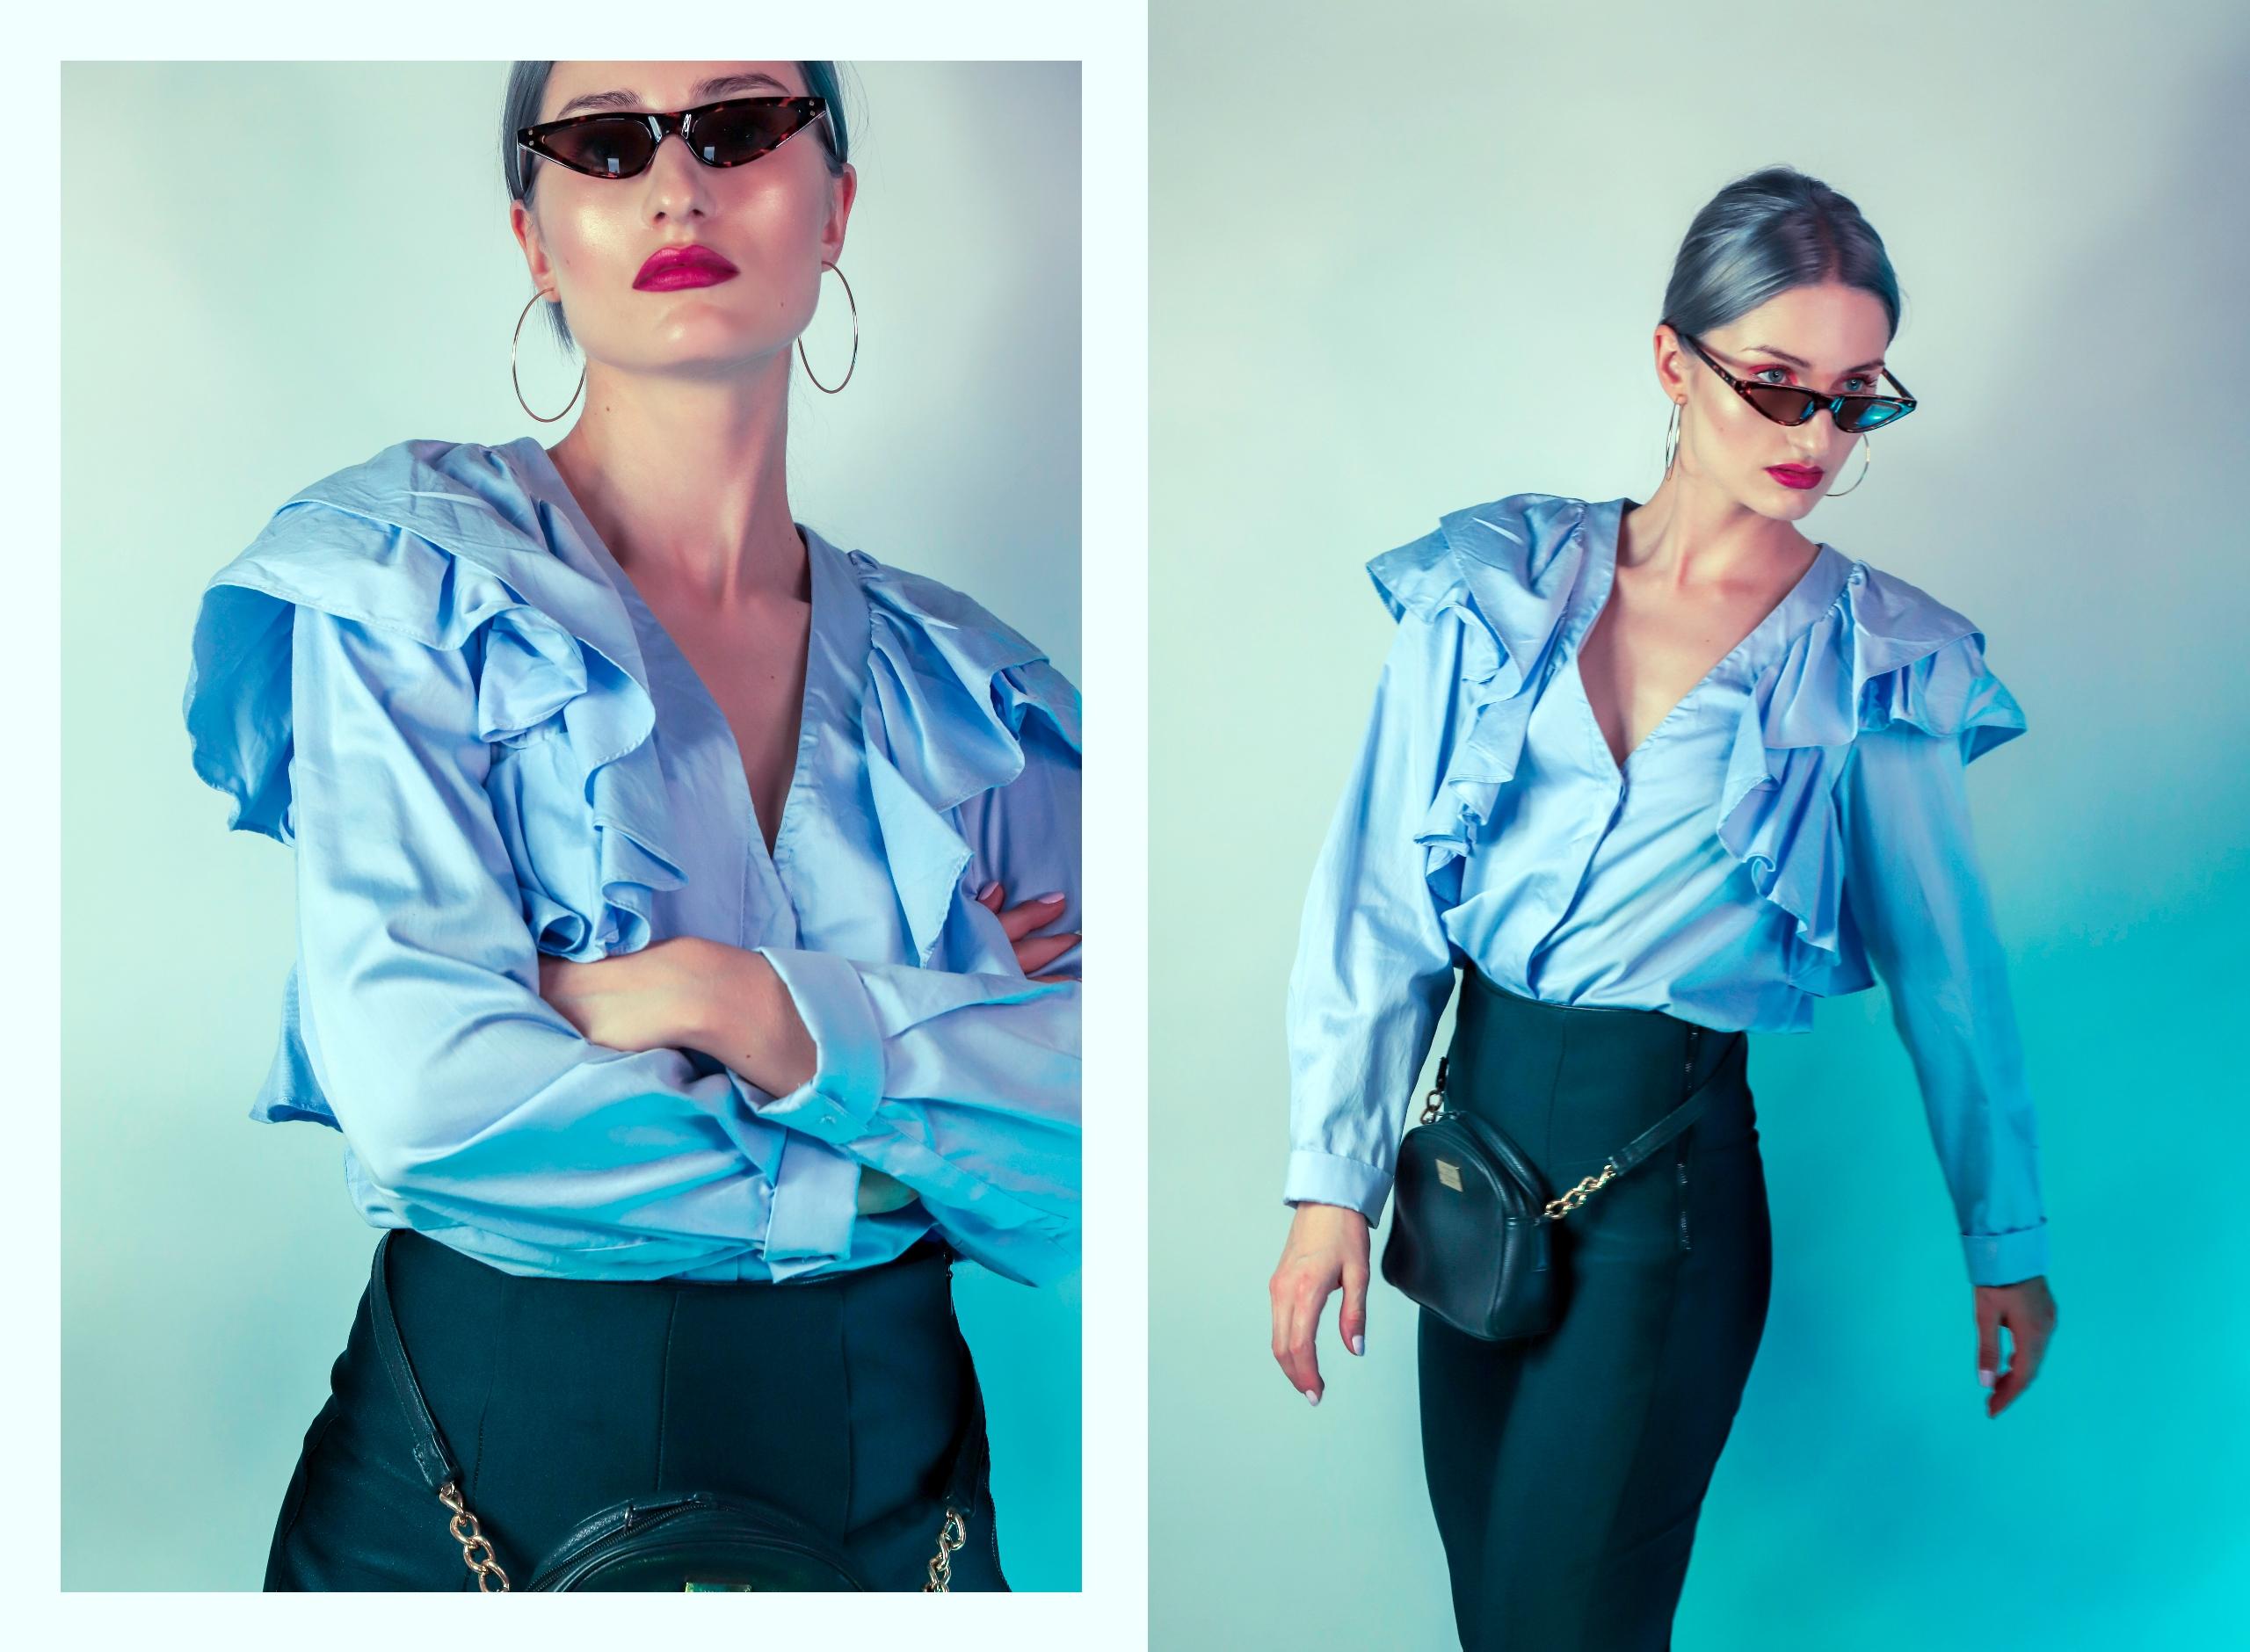 Obraz przedstawia dwa zdjęcia kobiety w błękitnej koszuli z falbaną. Kobieta ma na sobie okulary przeciwsłoneczne.